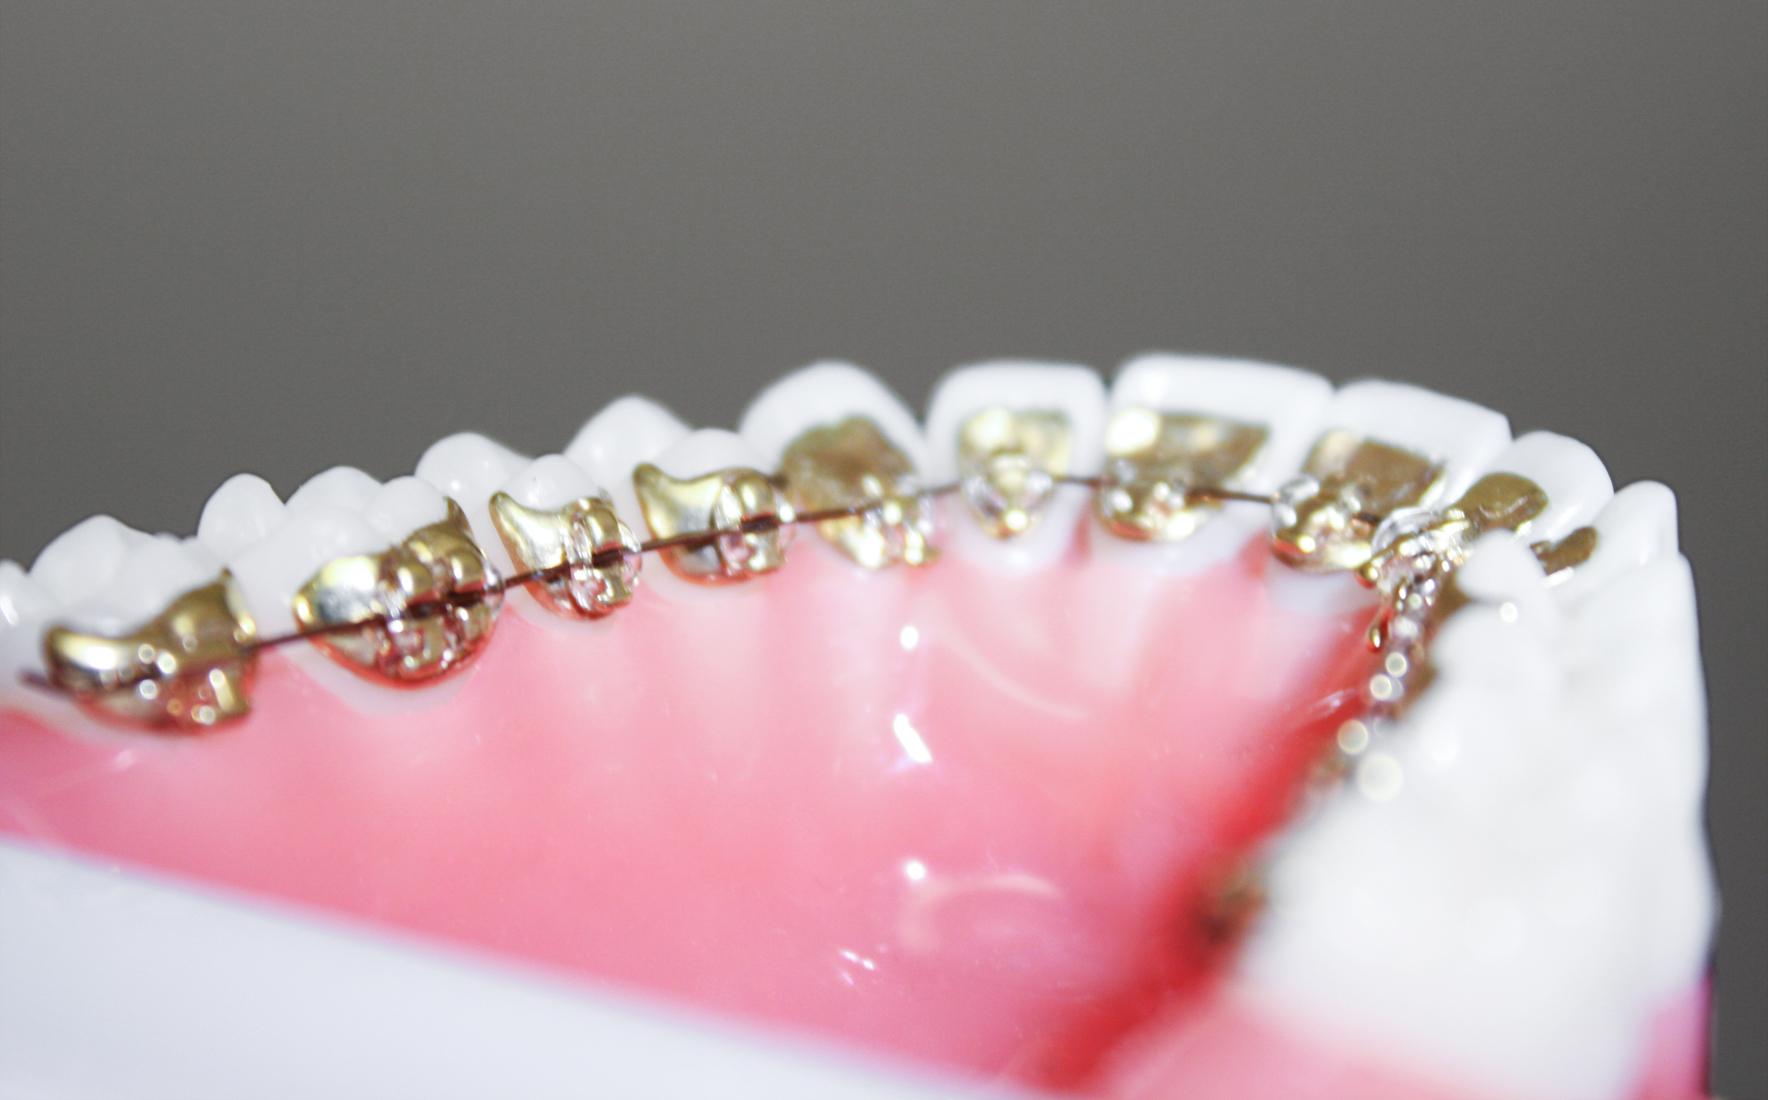 Brackets an der Innenseite des Zahnes